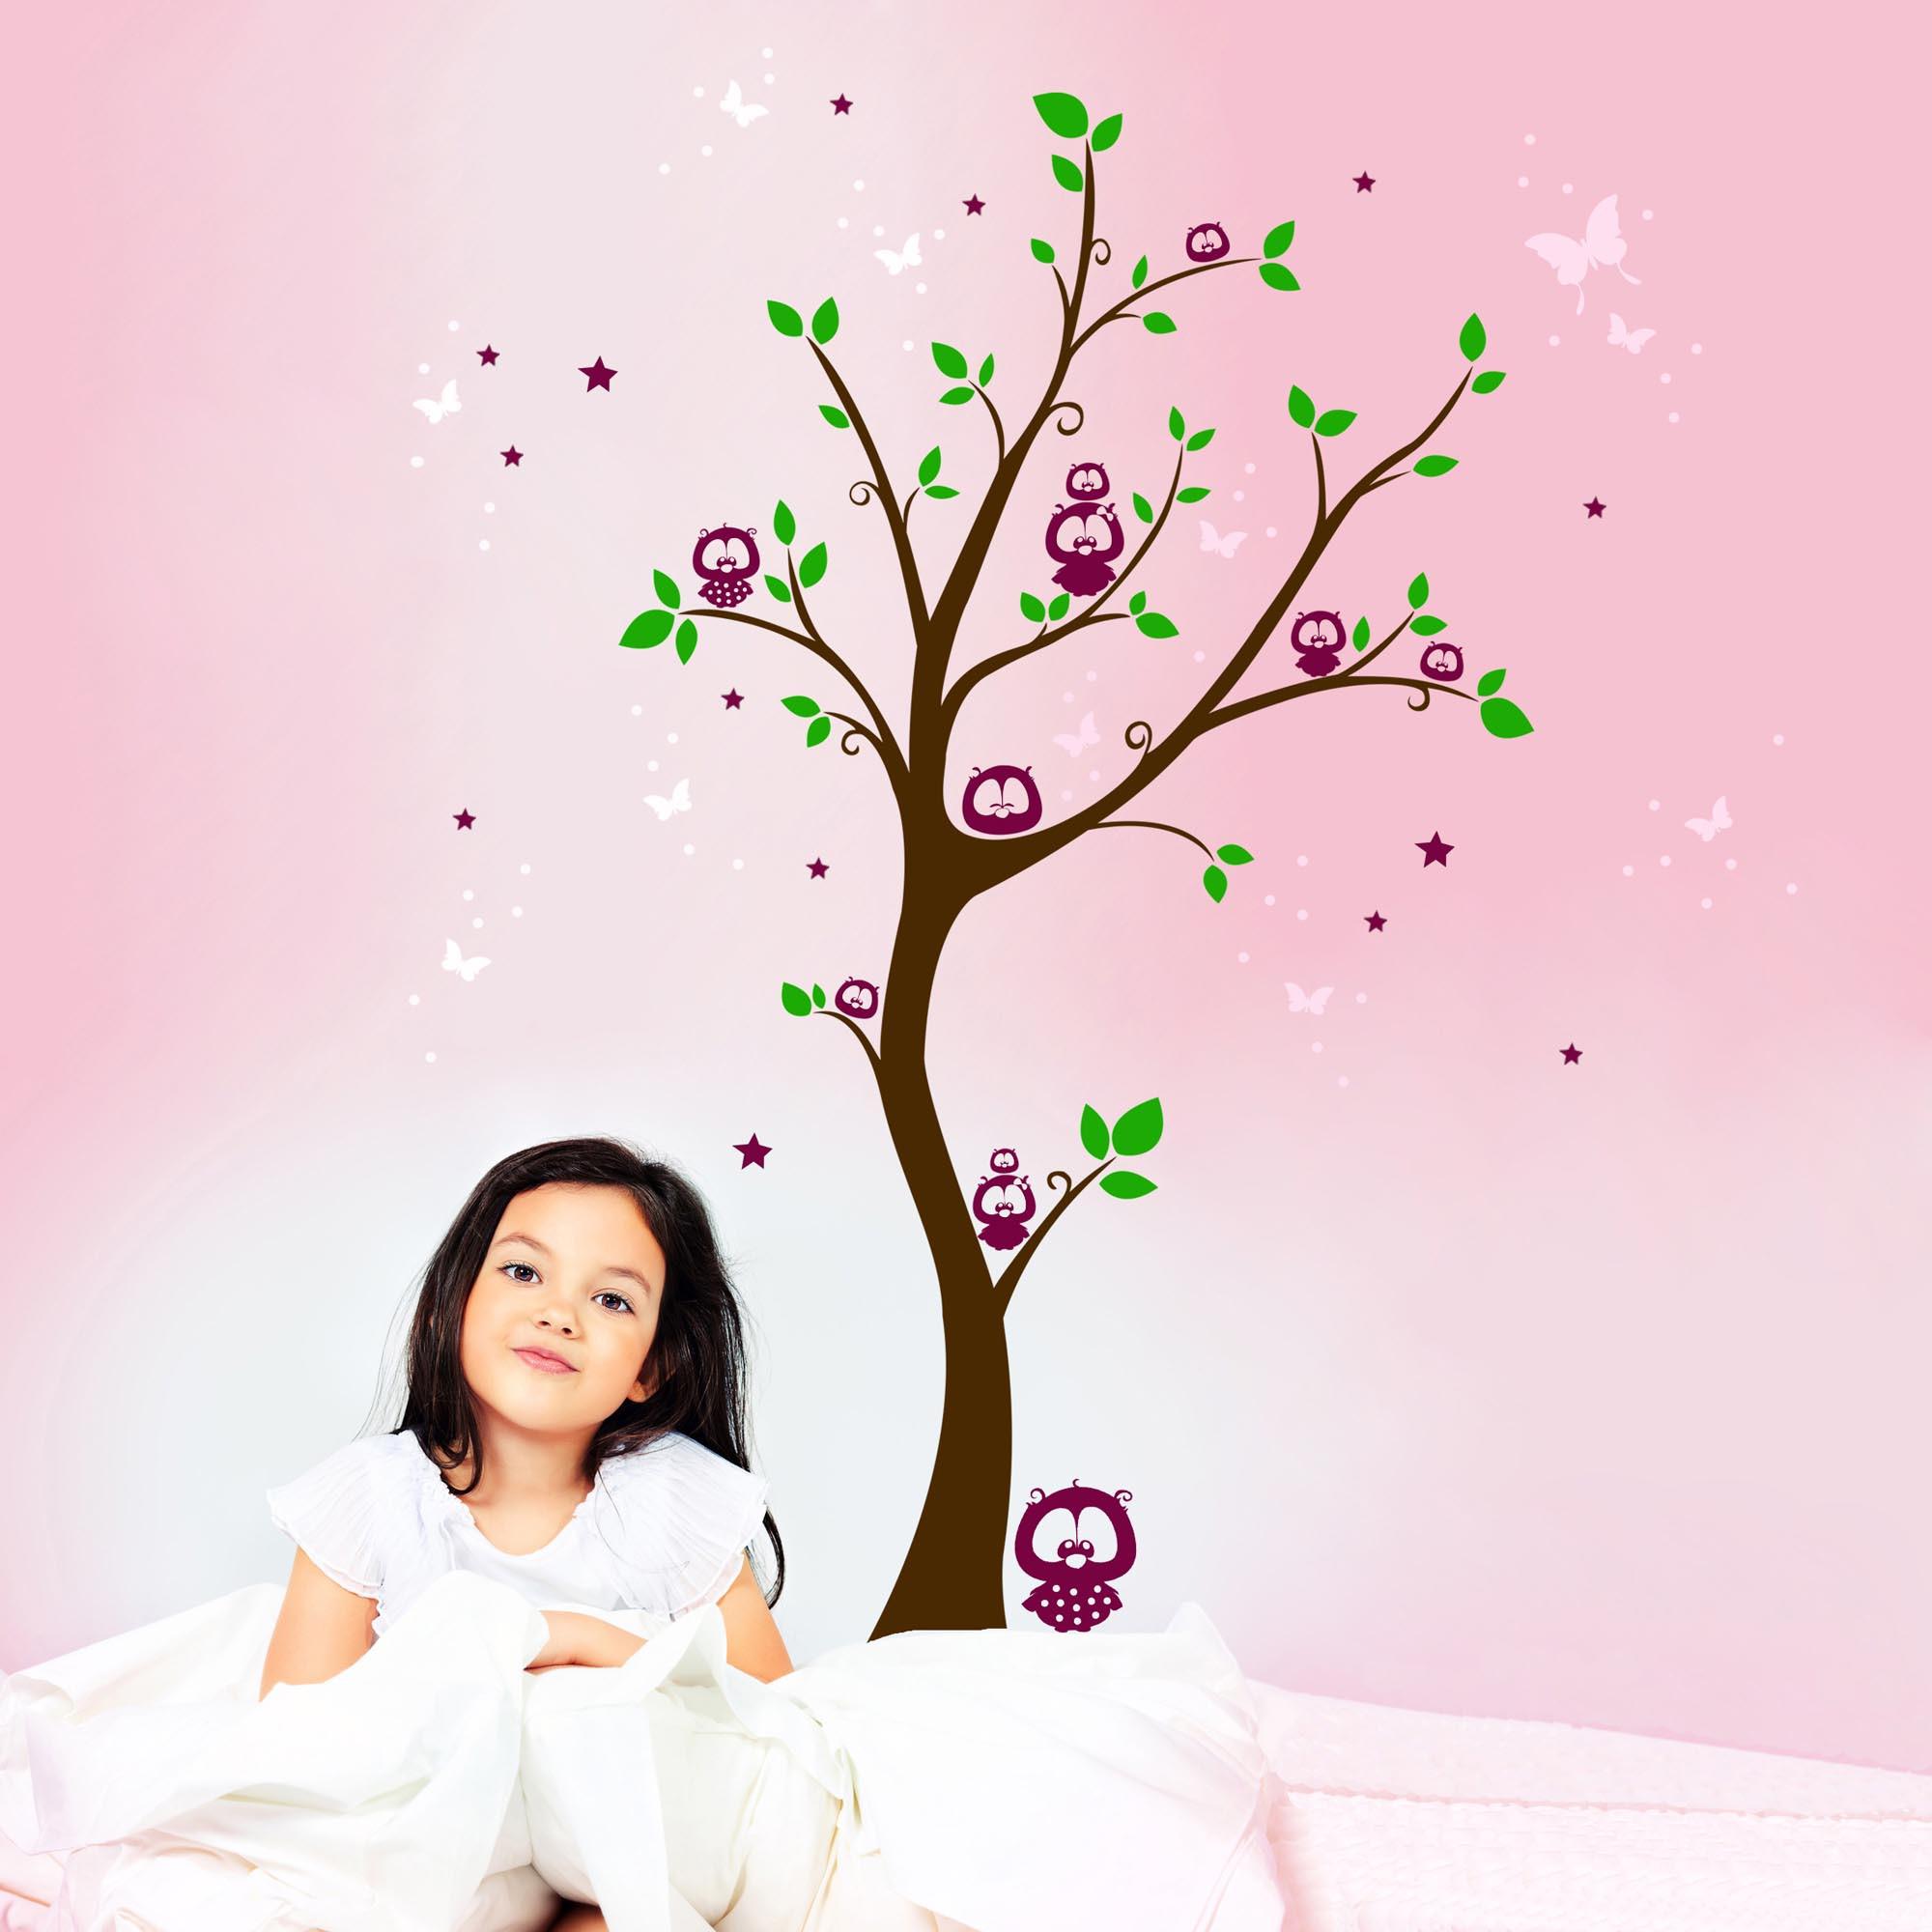 Wandtattoo eulenbaum eulen auf baum mit sternen punkten - Wandtattoo eulenbaum ...